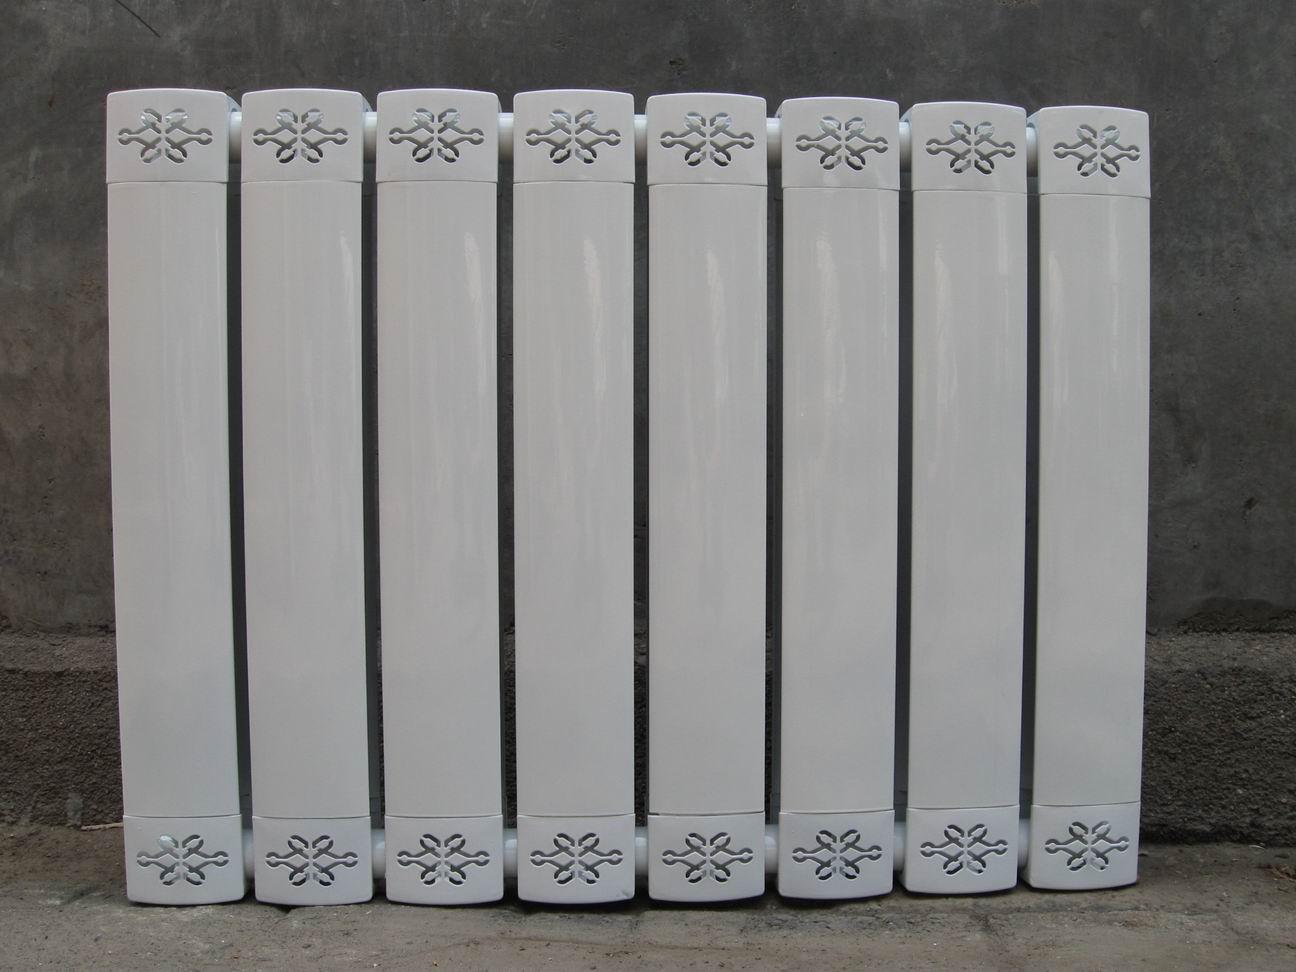 廊坊國標銅鋁復合散熱器廠家-銅鋁復合散熱器價格如何